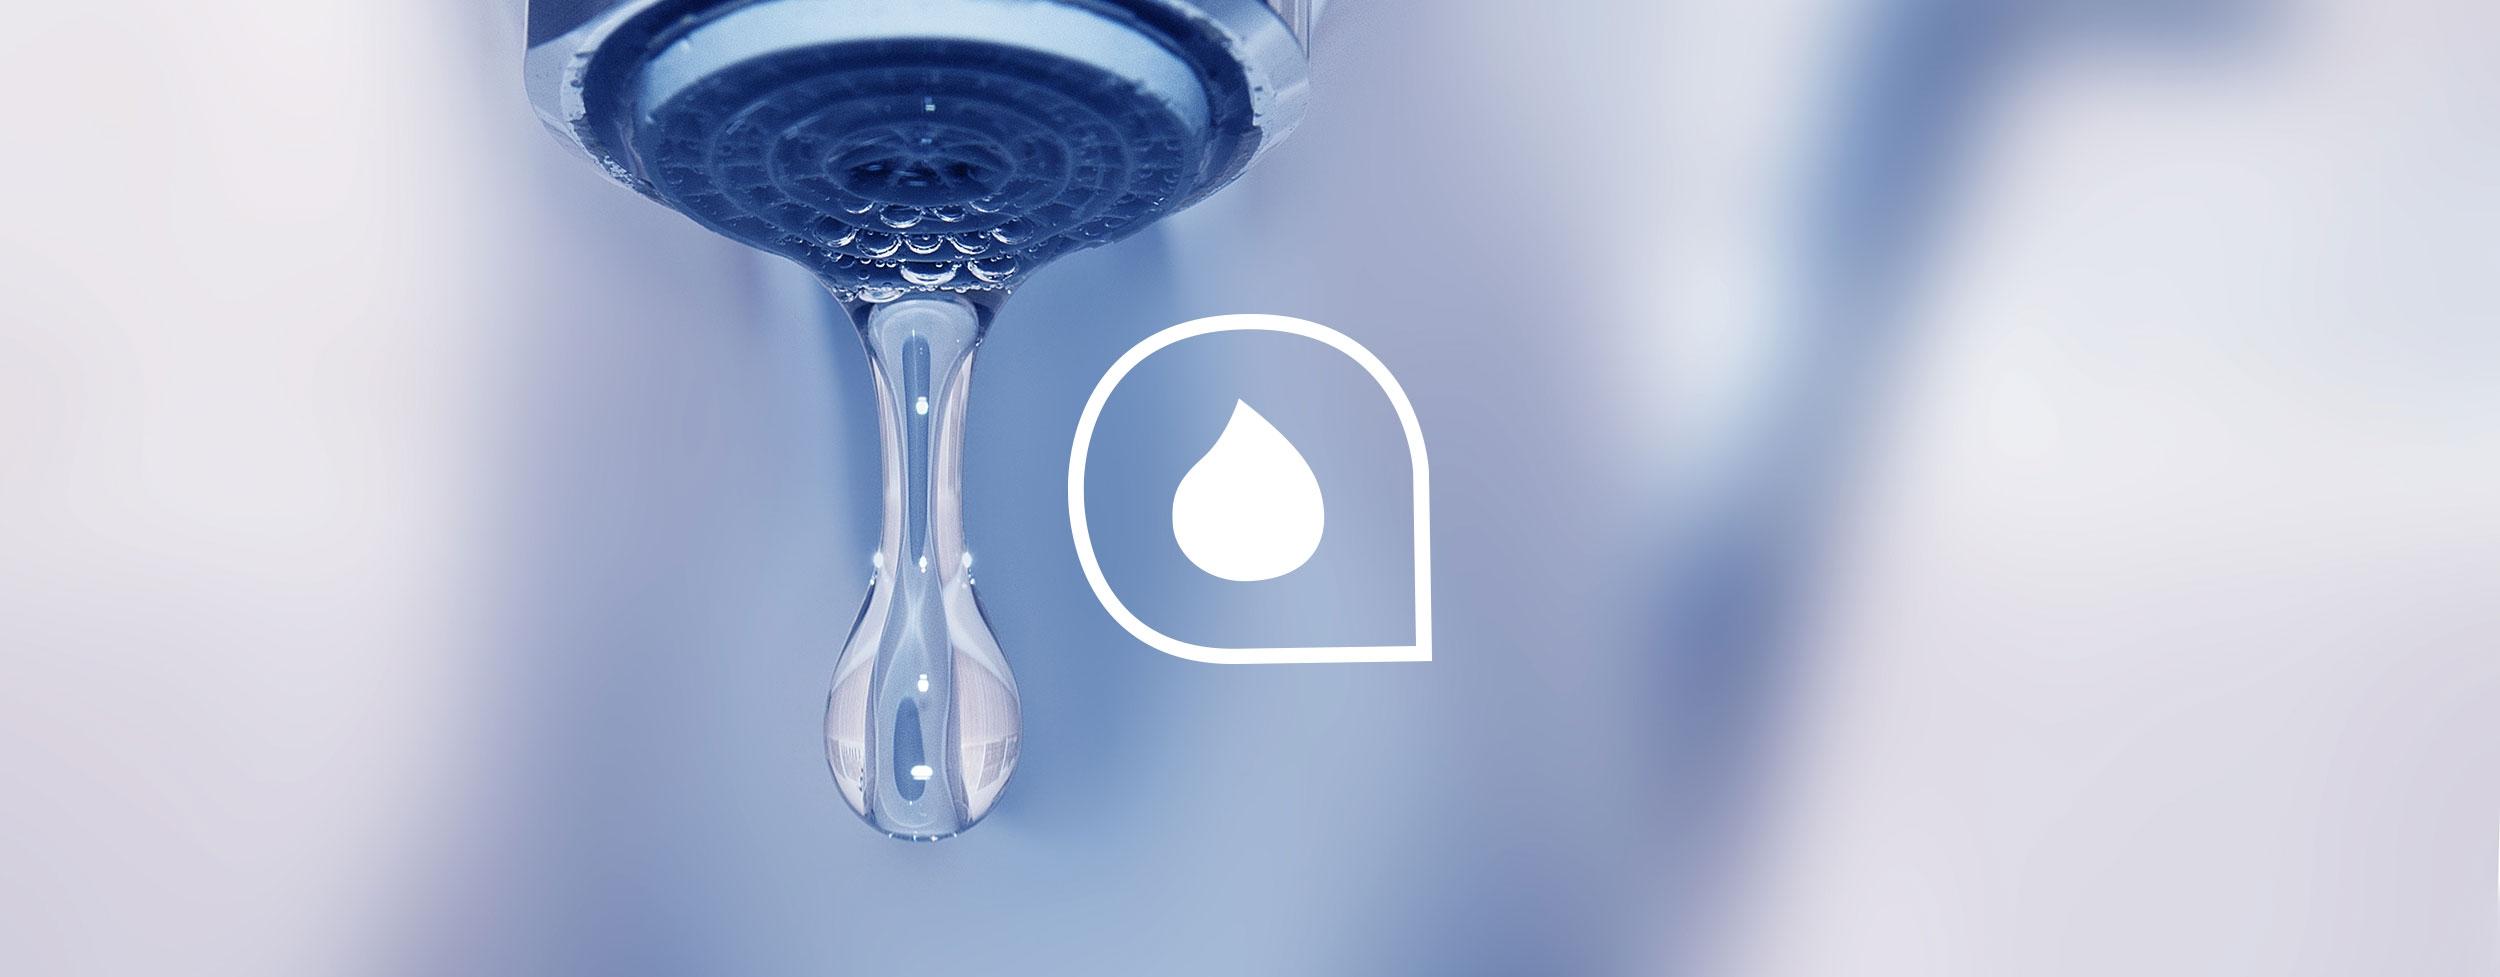 traitement-eau-robinet-imagetop